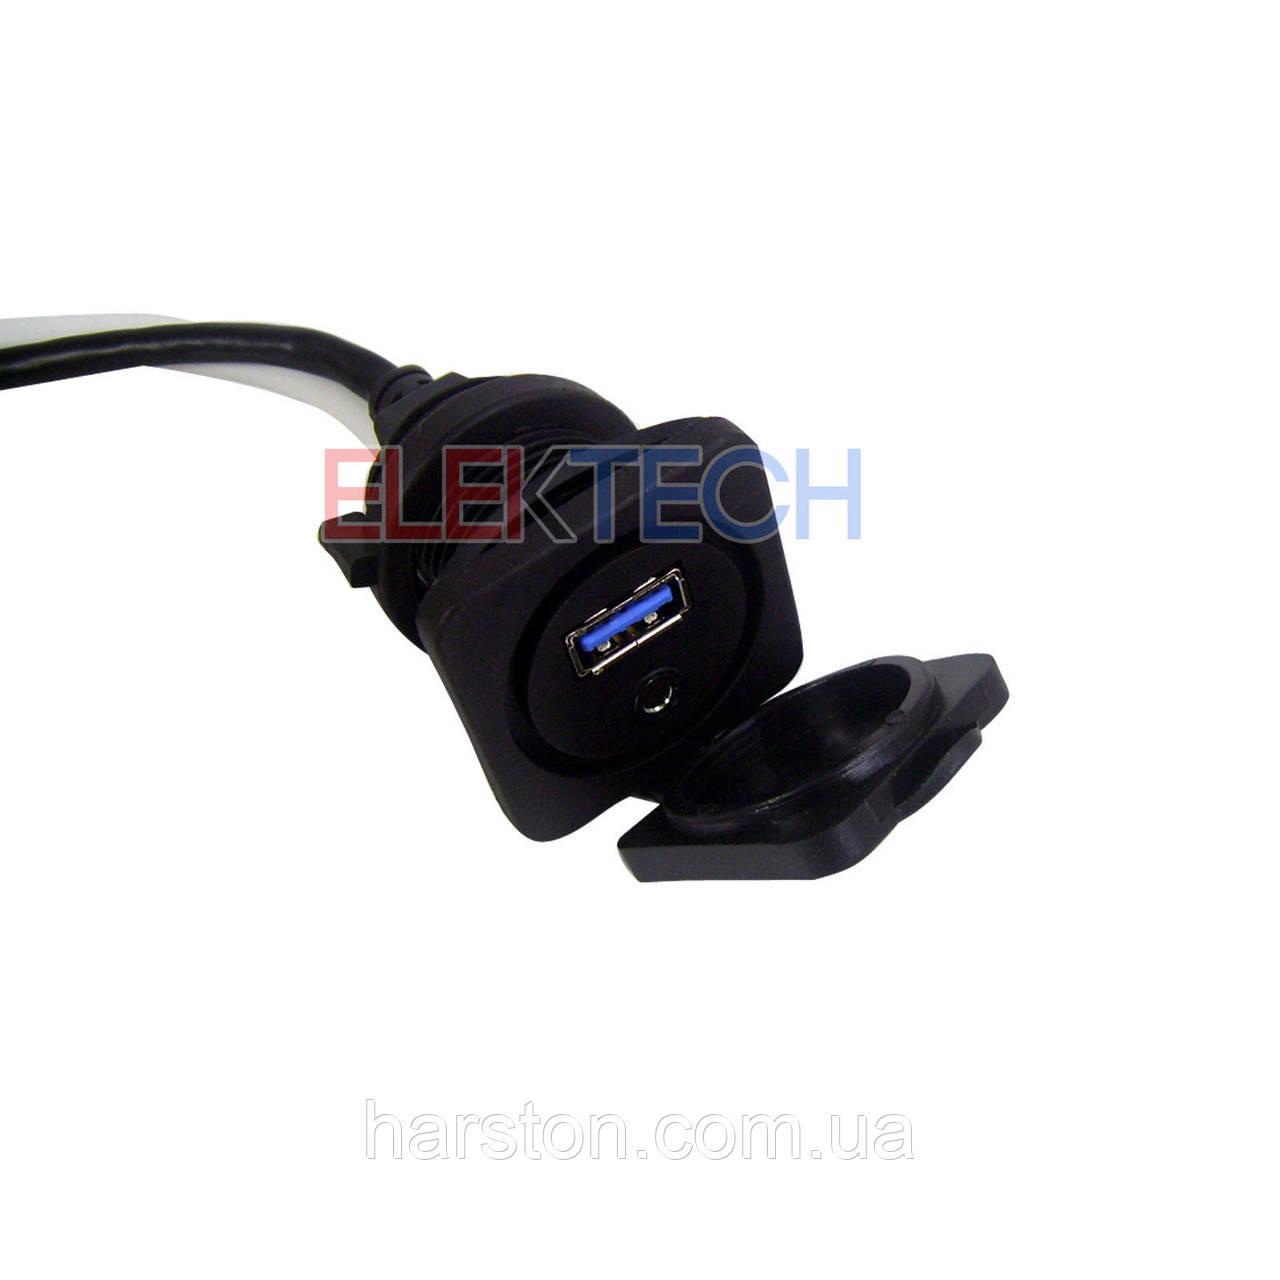 Врезной морской переходник 3,5 мм в RCA и USB 3.0